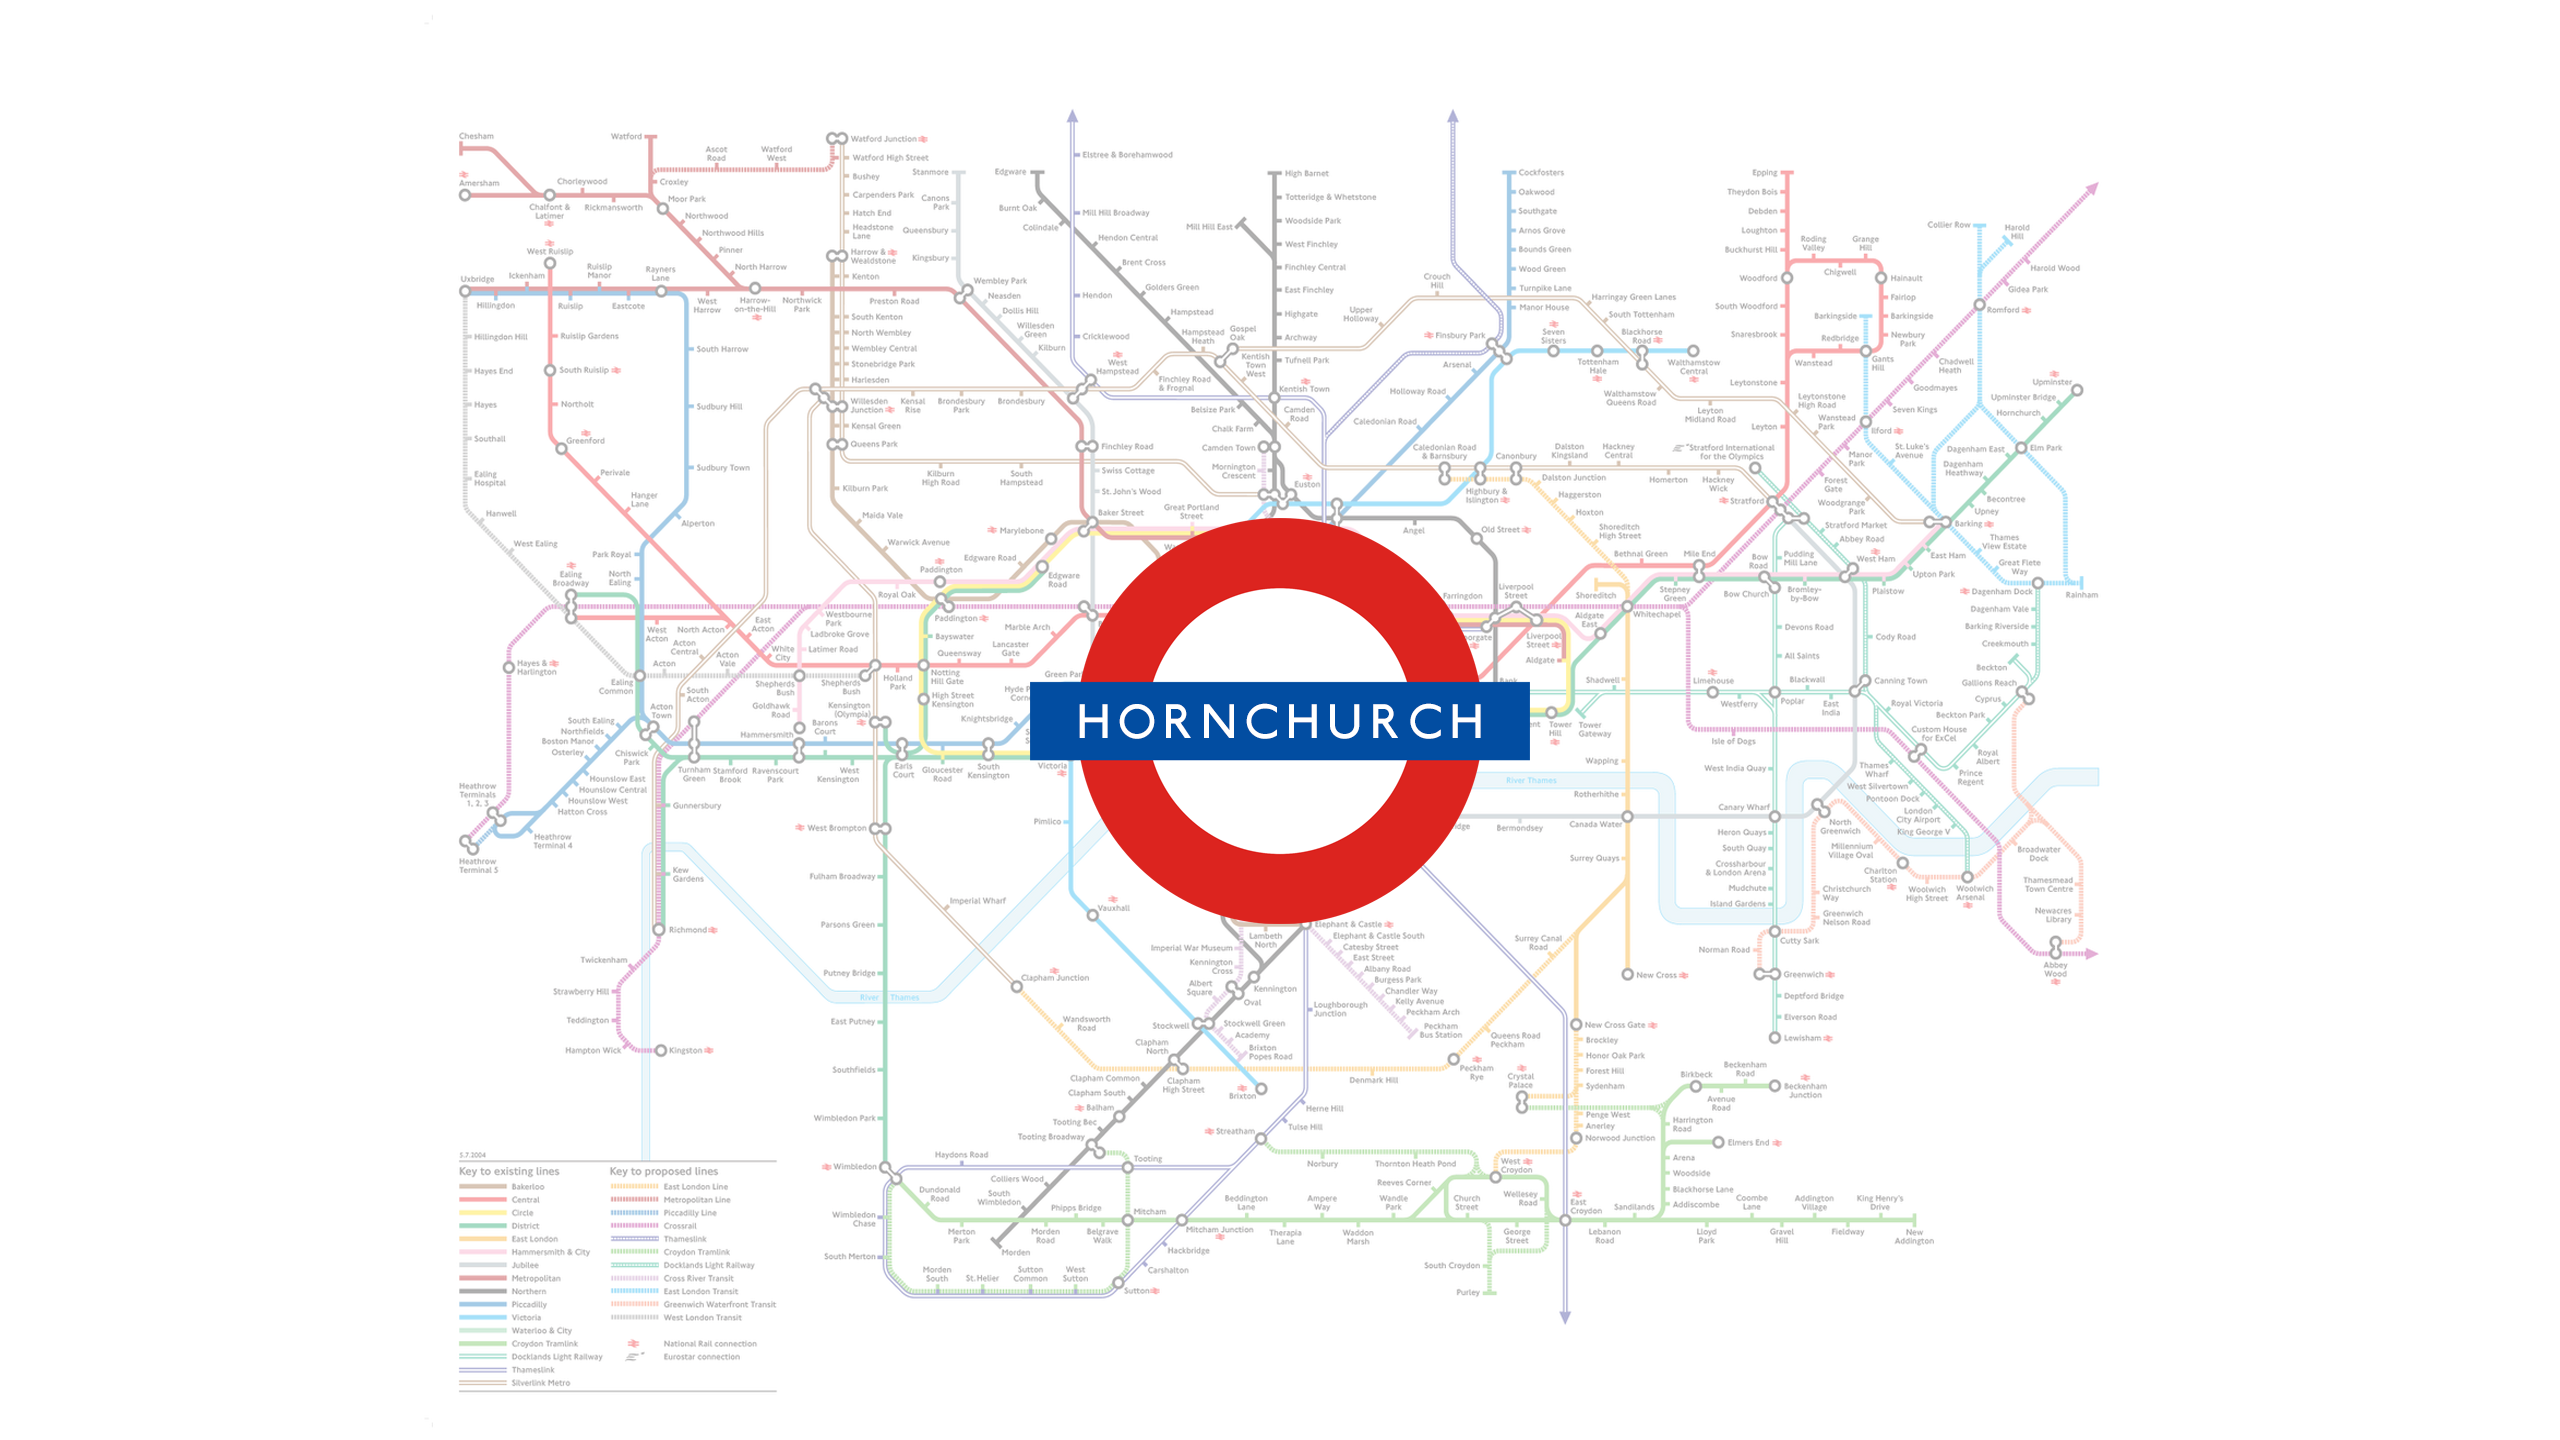 Hornchurch (Map)